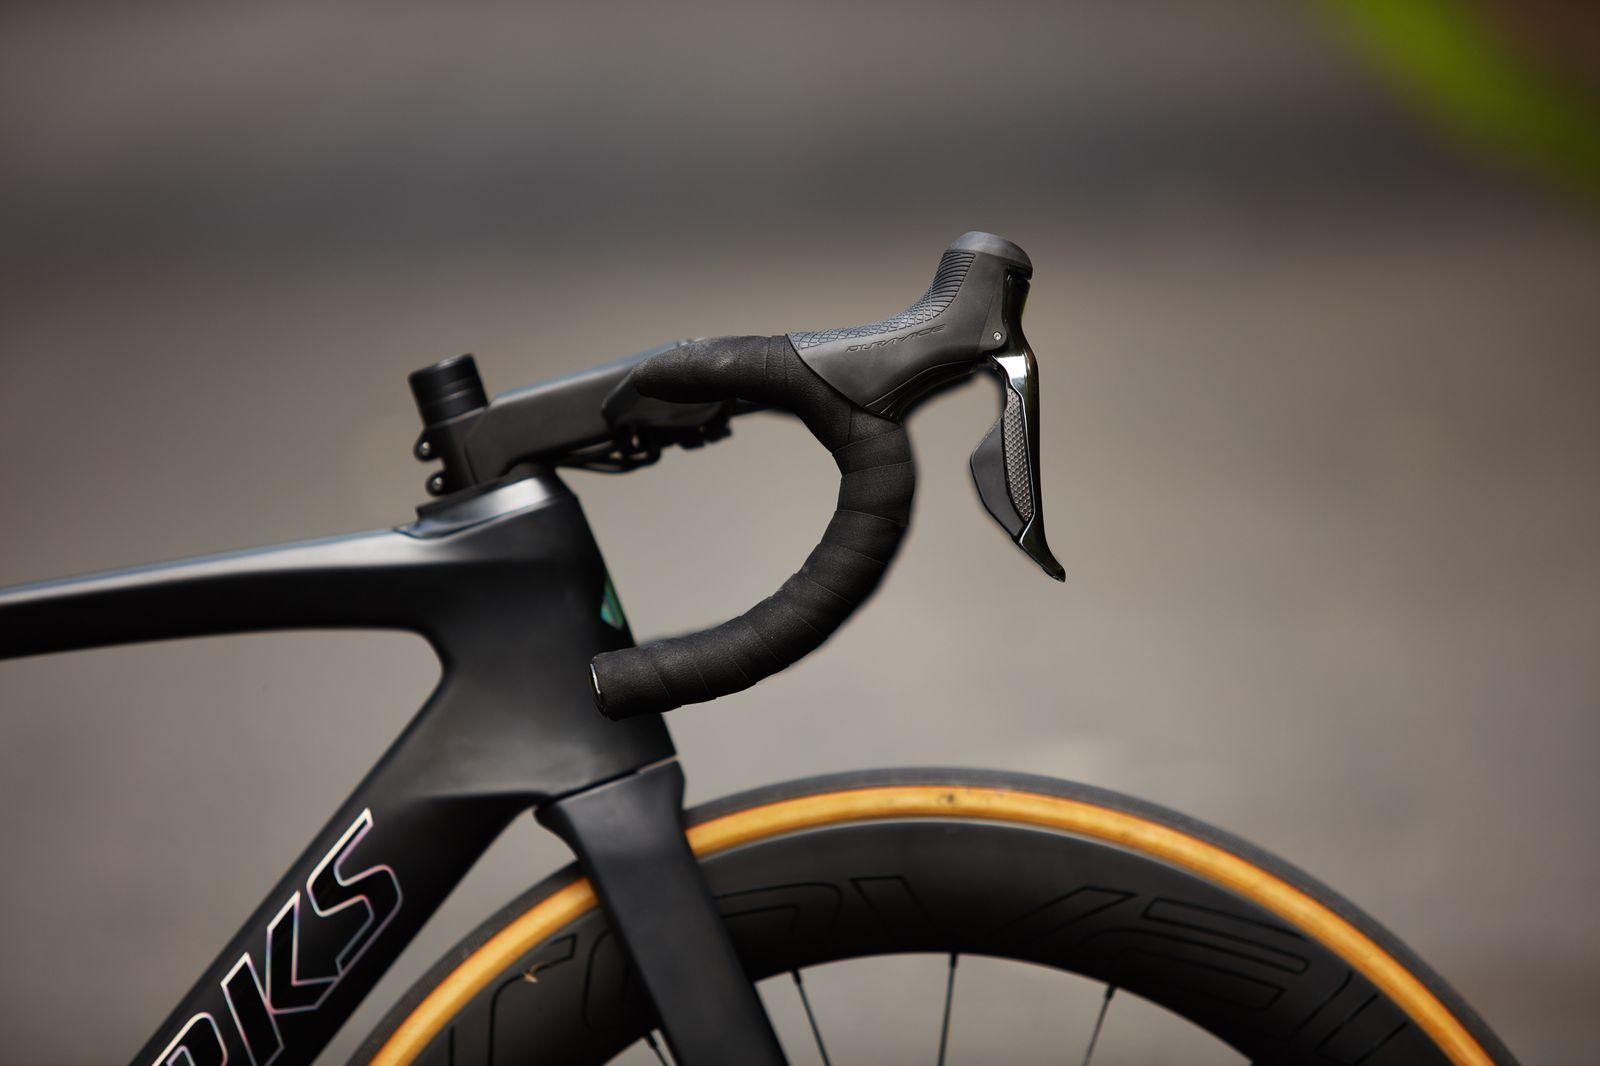 Specialized S Works Venge Gen 3 Gallery Bike Gear Road Bikes Bike